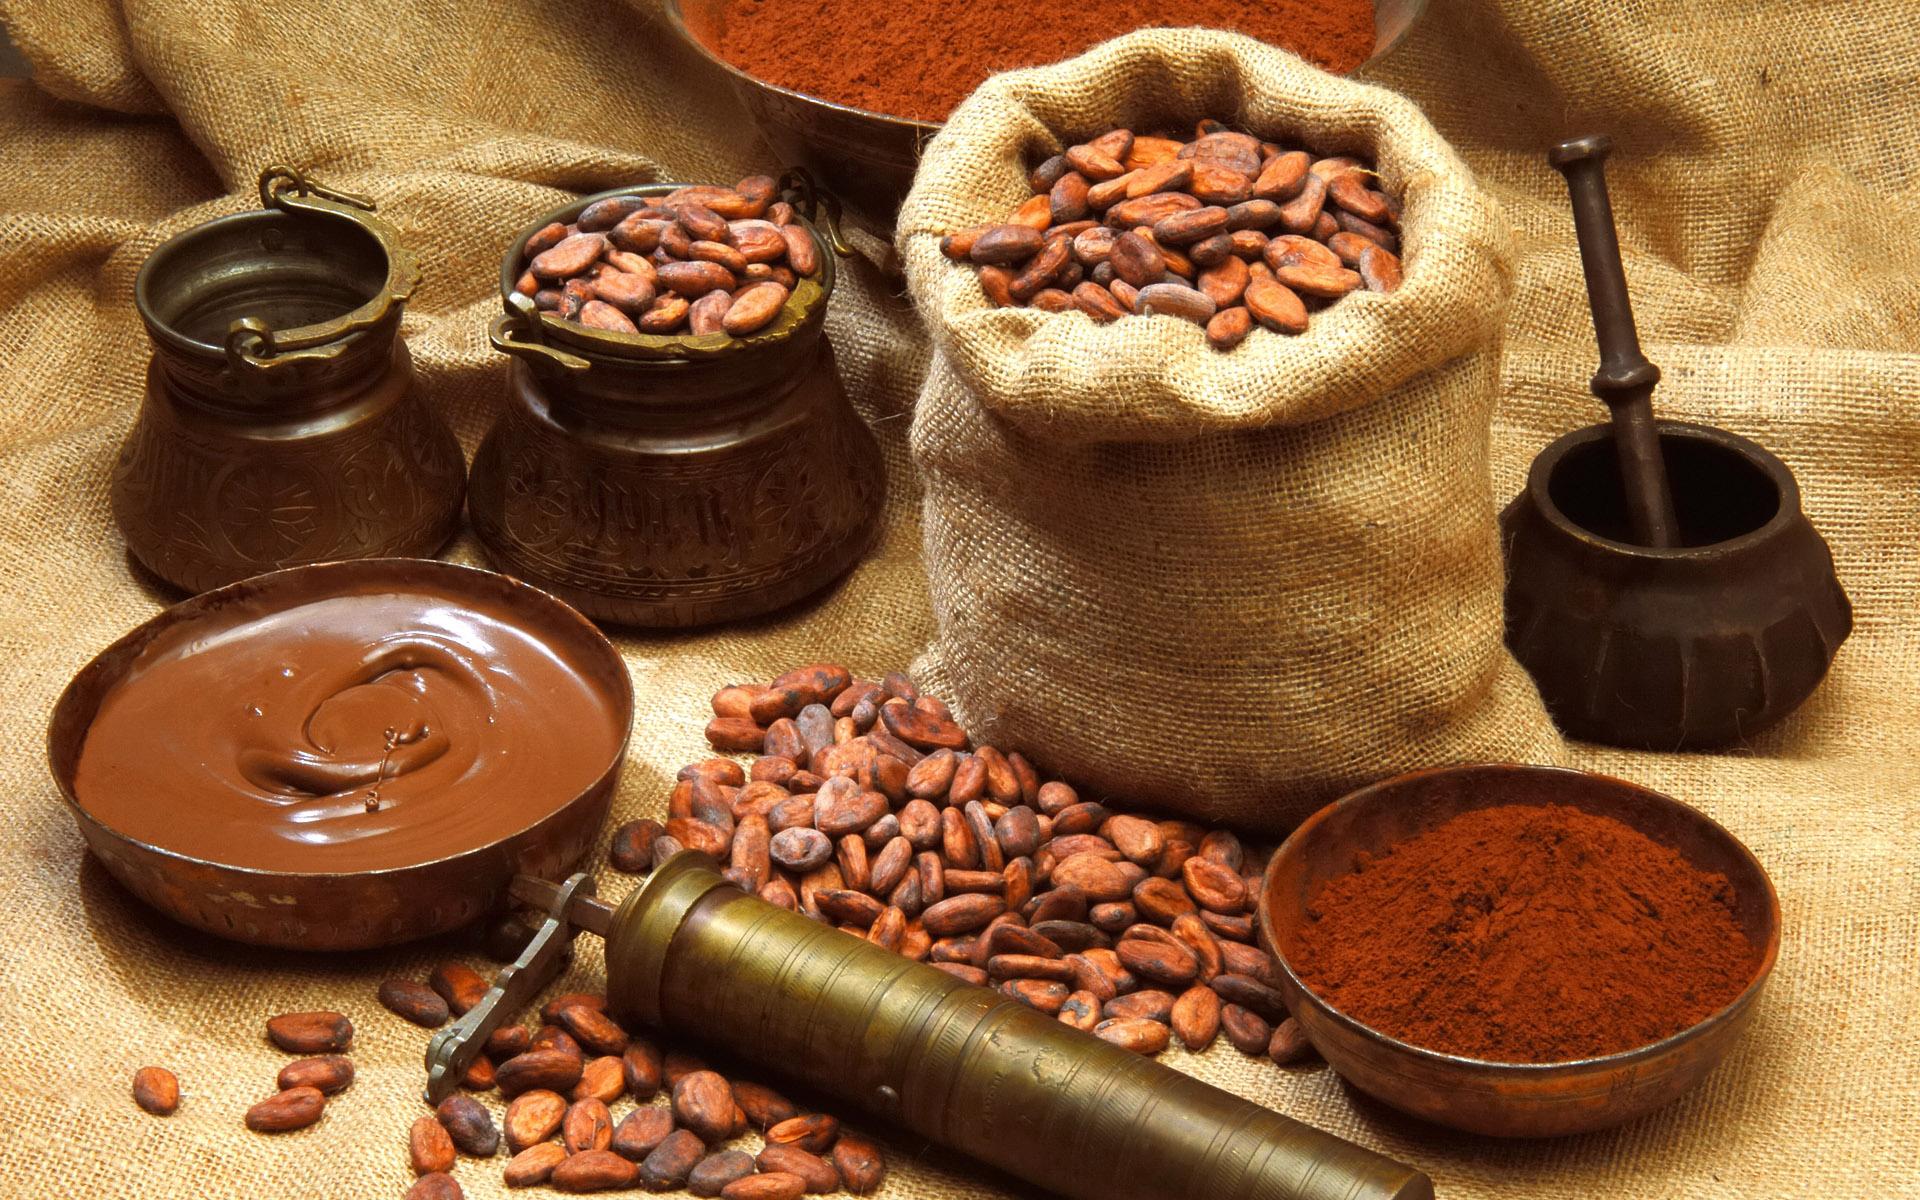 шоколадные обои, chocolate wallpapers, скачать фото, шоколад, фон, какао бобы, зерна